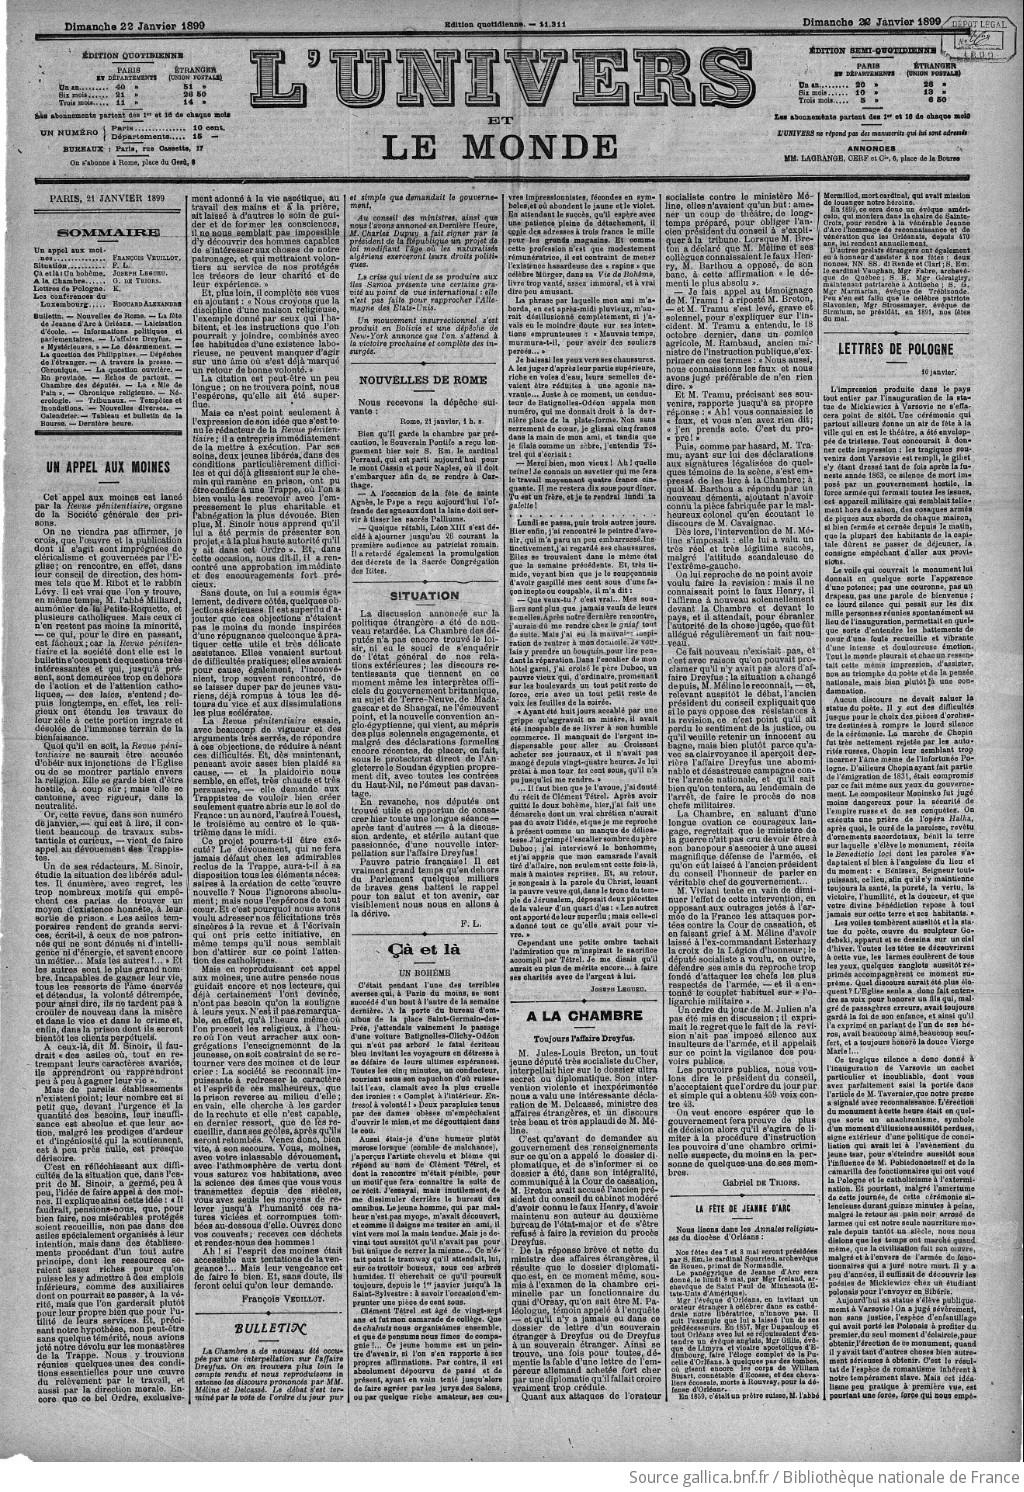 l'univers | 1899-01-22 | gallica